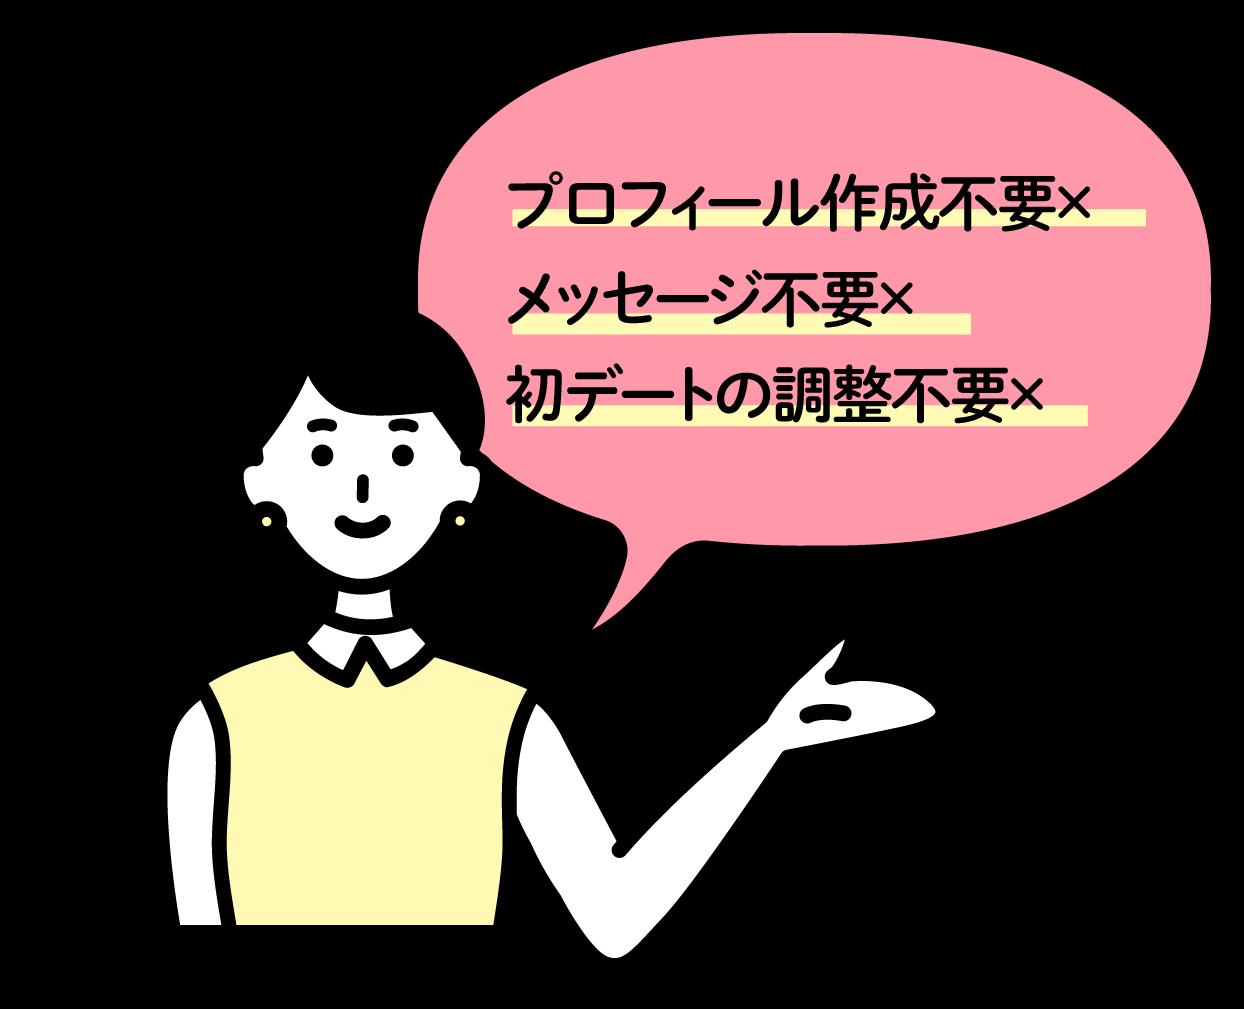 プロフィール作成不要× メッセージ不要× 初デートの調整不要×